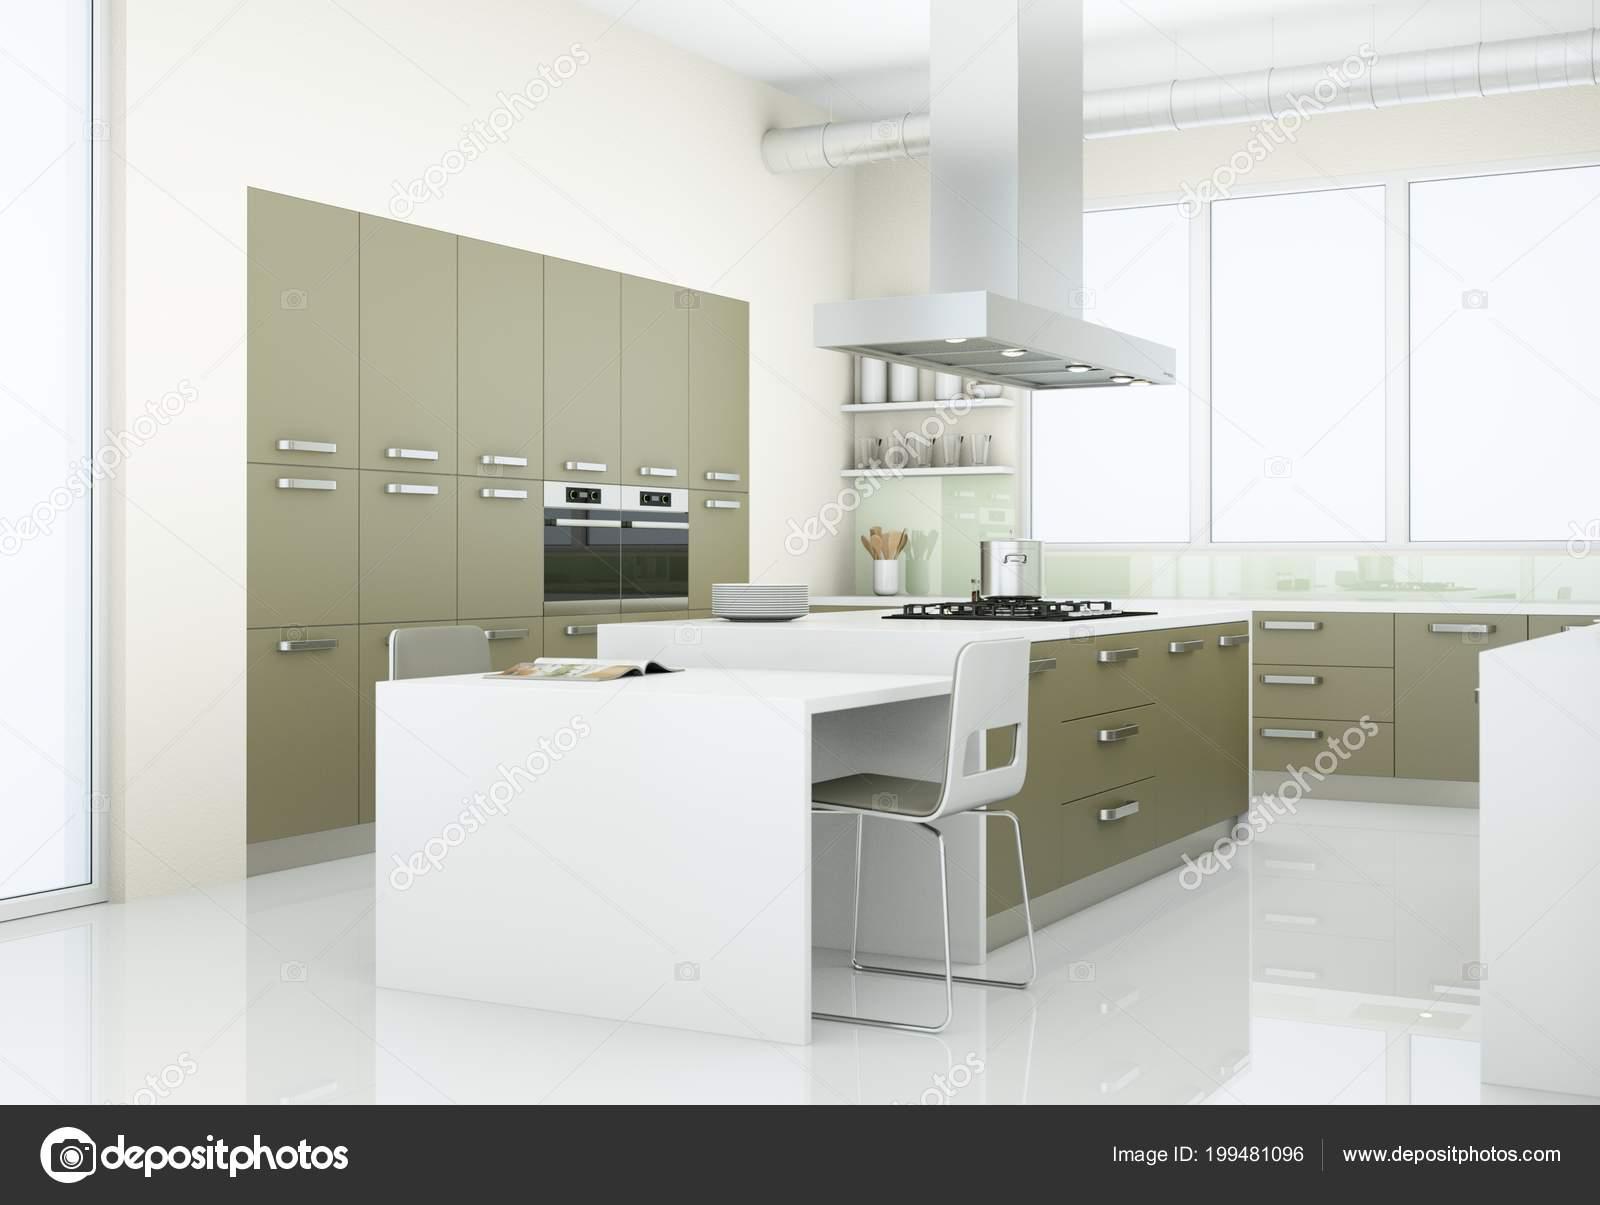 Moderne Keuken Grijs : Grijze moderne keuken in hok met grote ramen u stockfoto